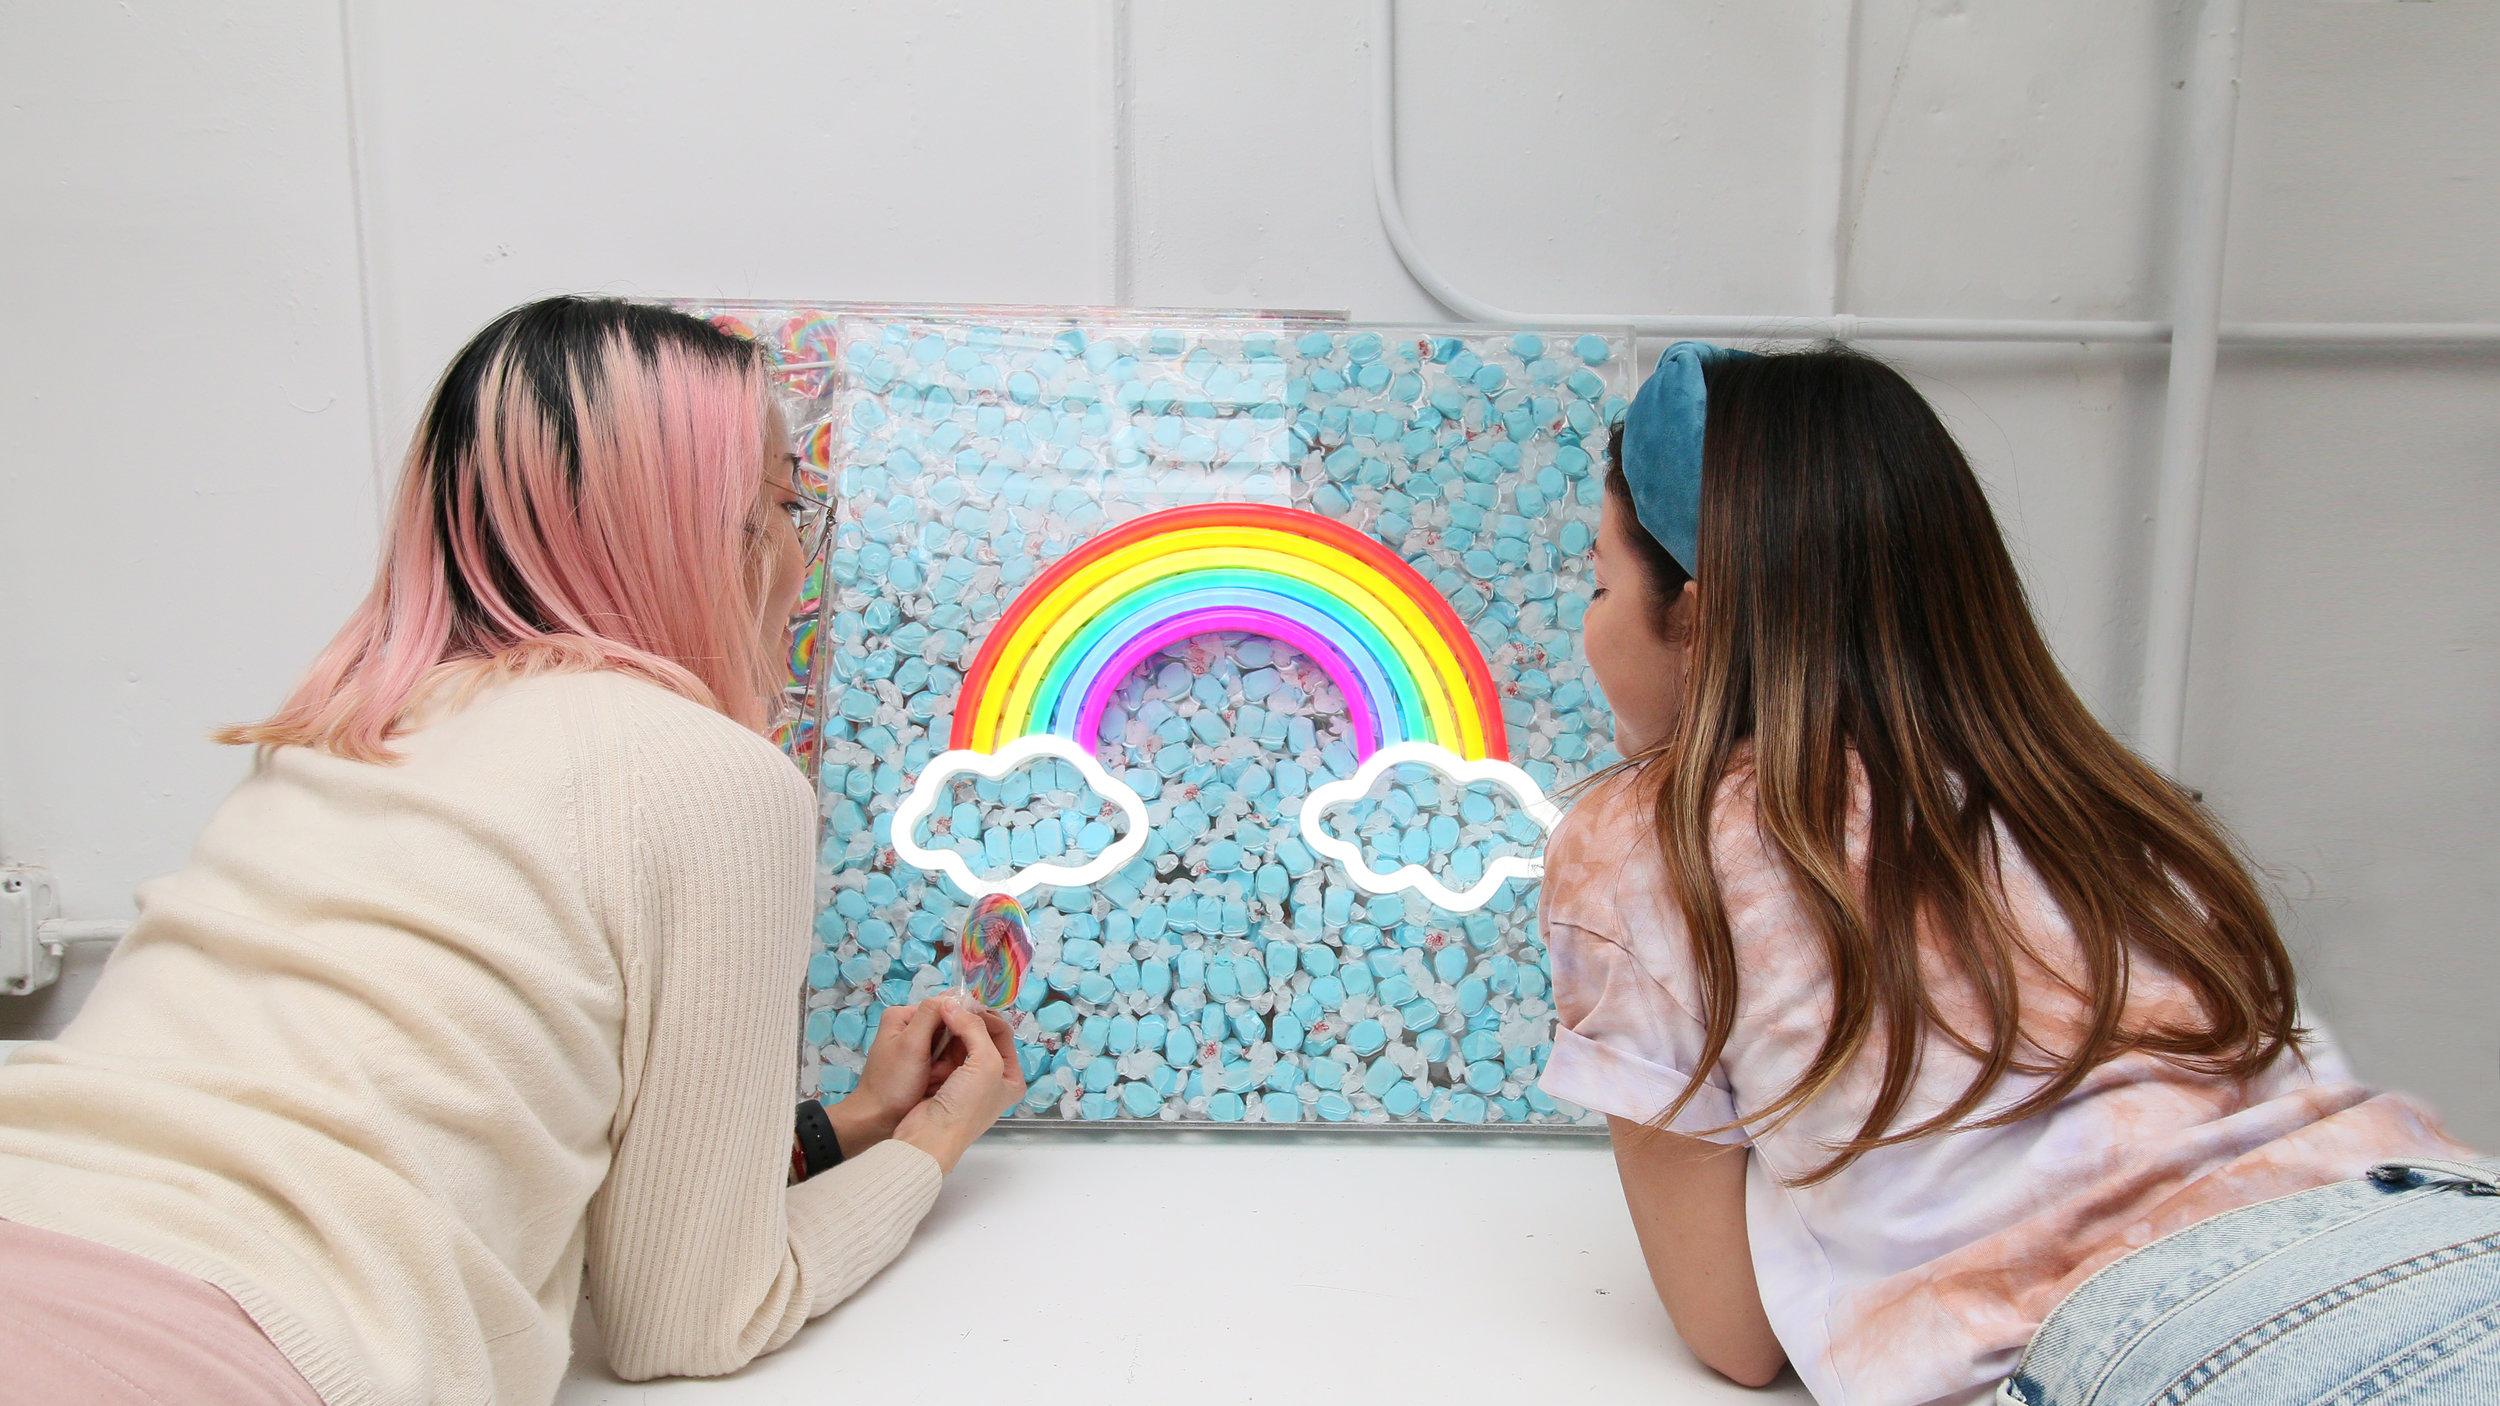 lena-robyn-rainbow-table.jpg